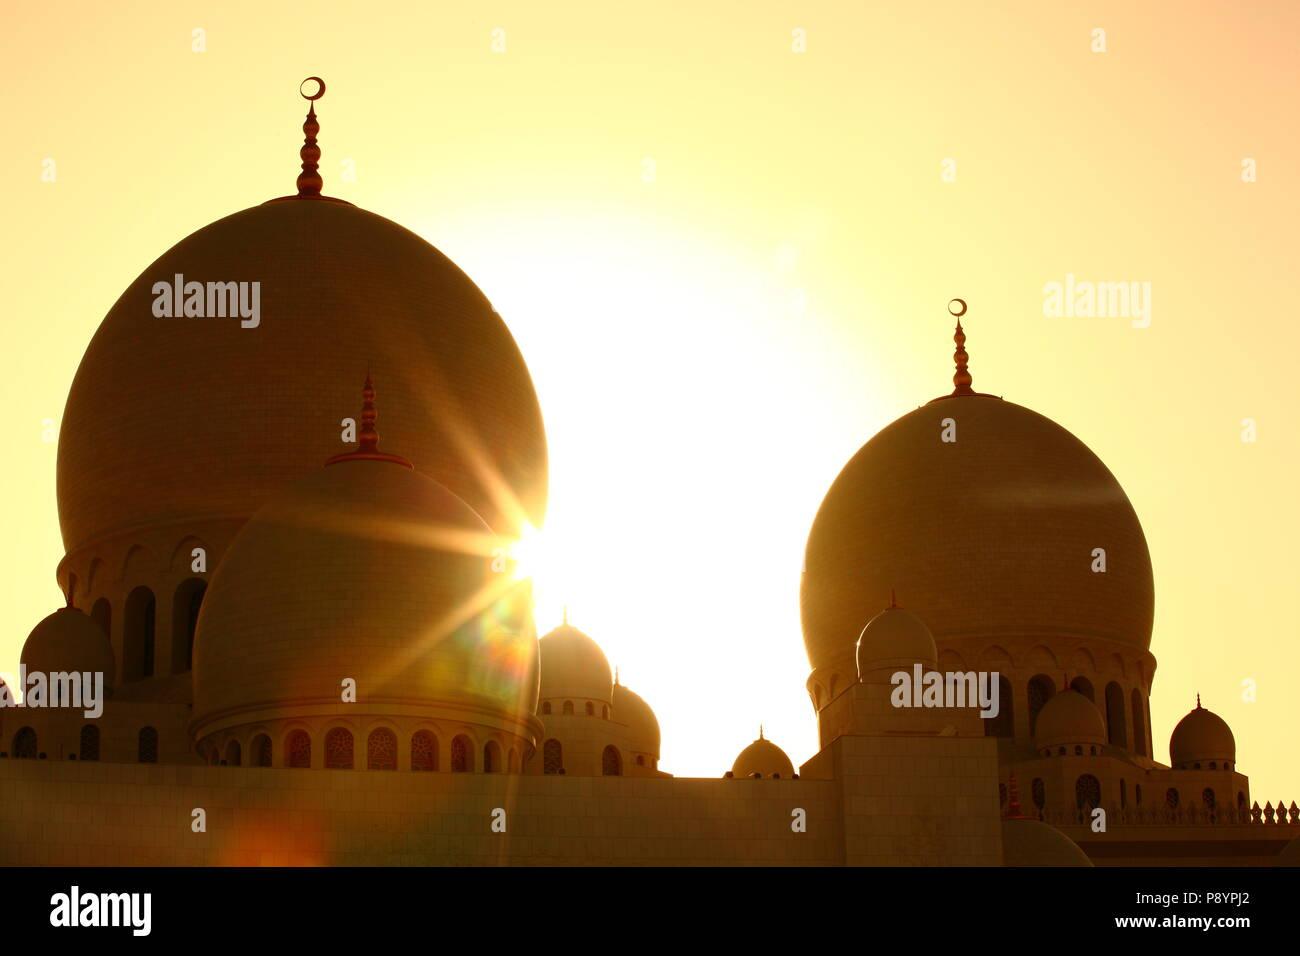 Sheikh Zayed Grande Moschea Dubai architettura islamica pregando persone Immagini Stock